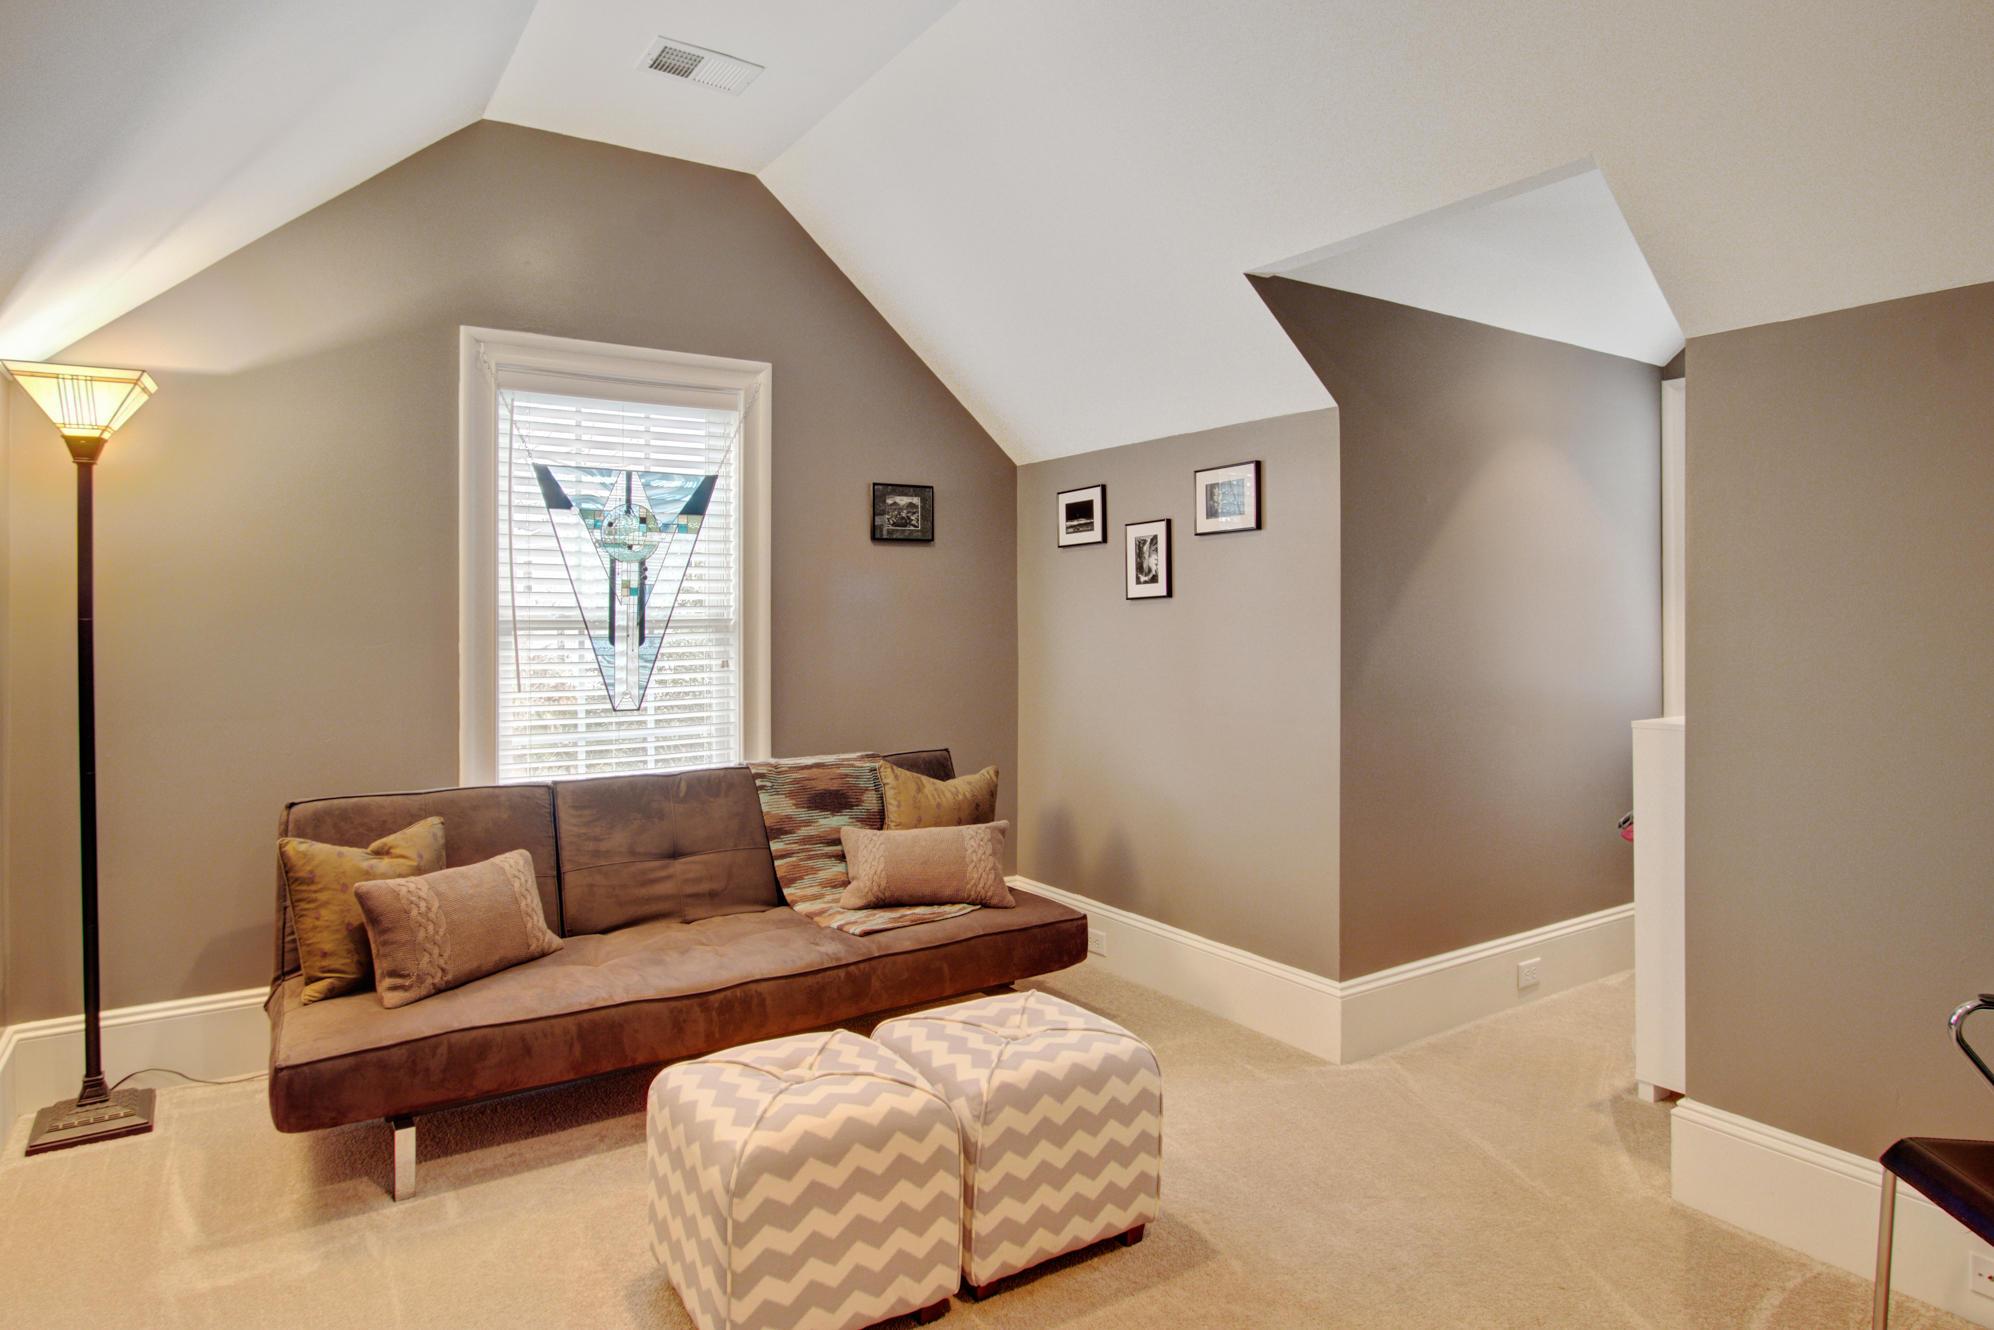 Park West Homes For Sale - 1527 Capel, Mount Pleasant, SC - 24